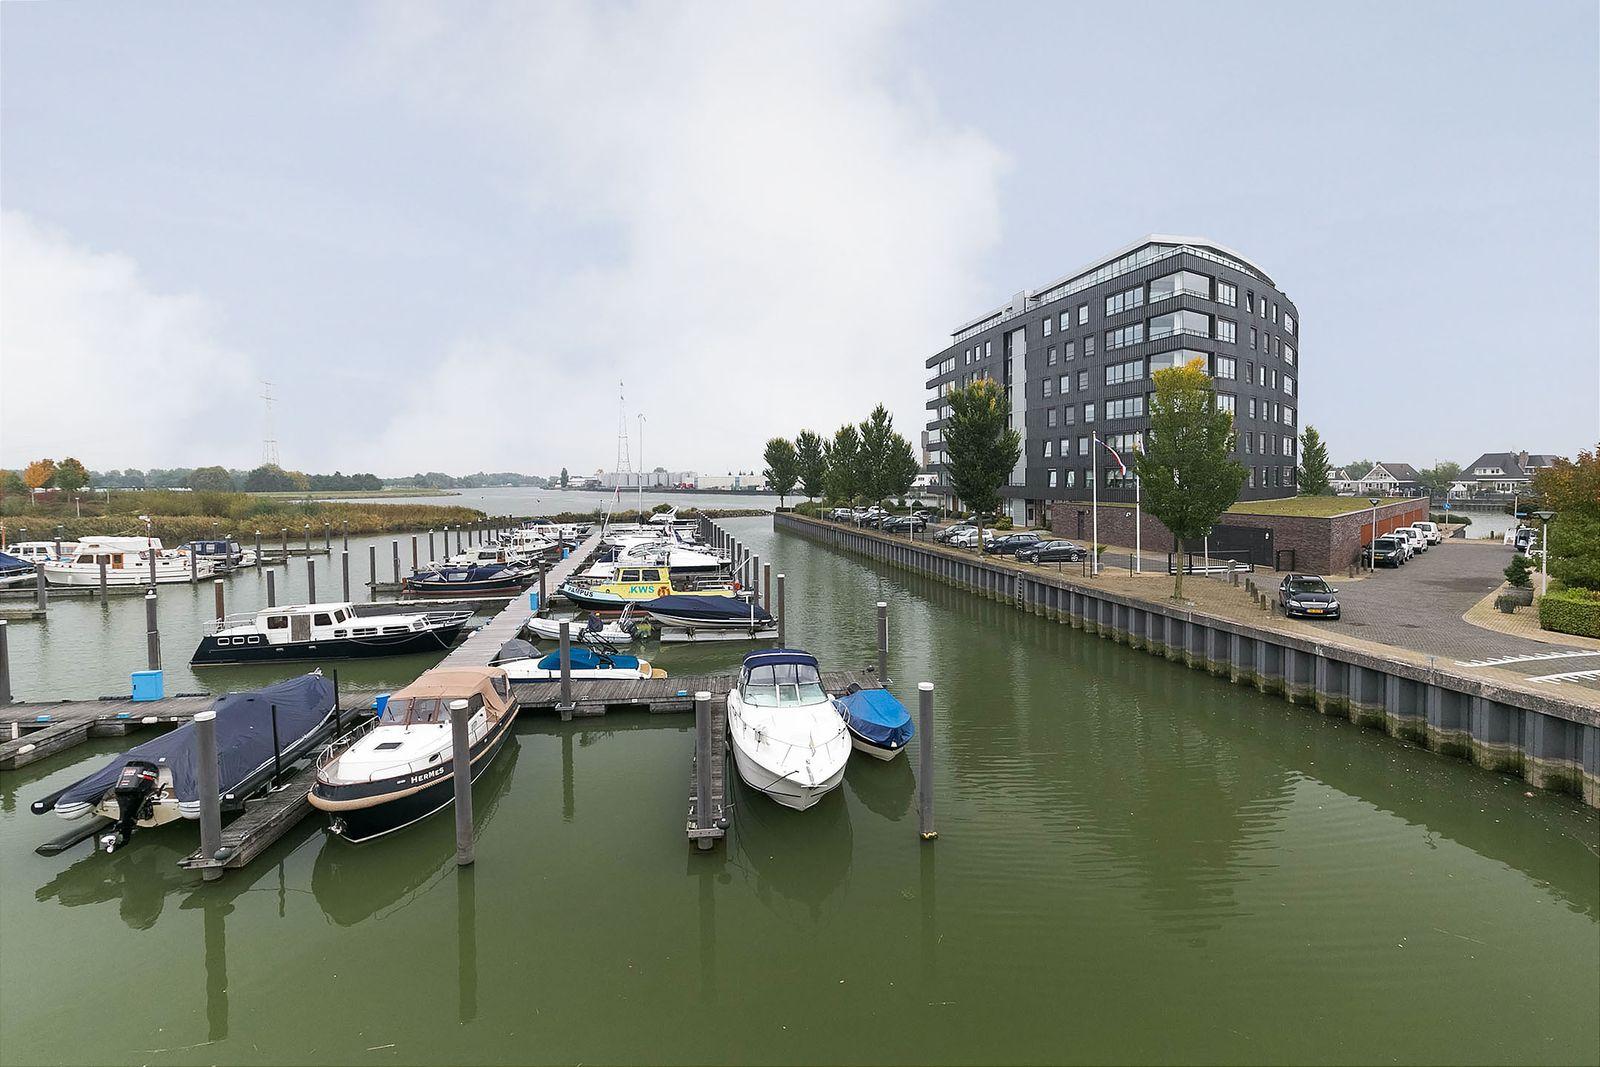 Bakboord 22, Capelle aan den IJssel